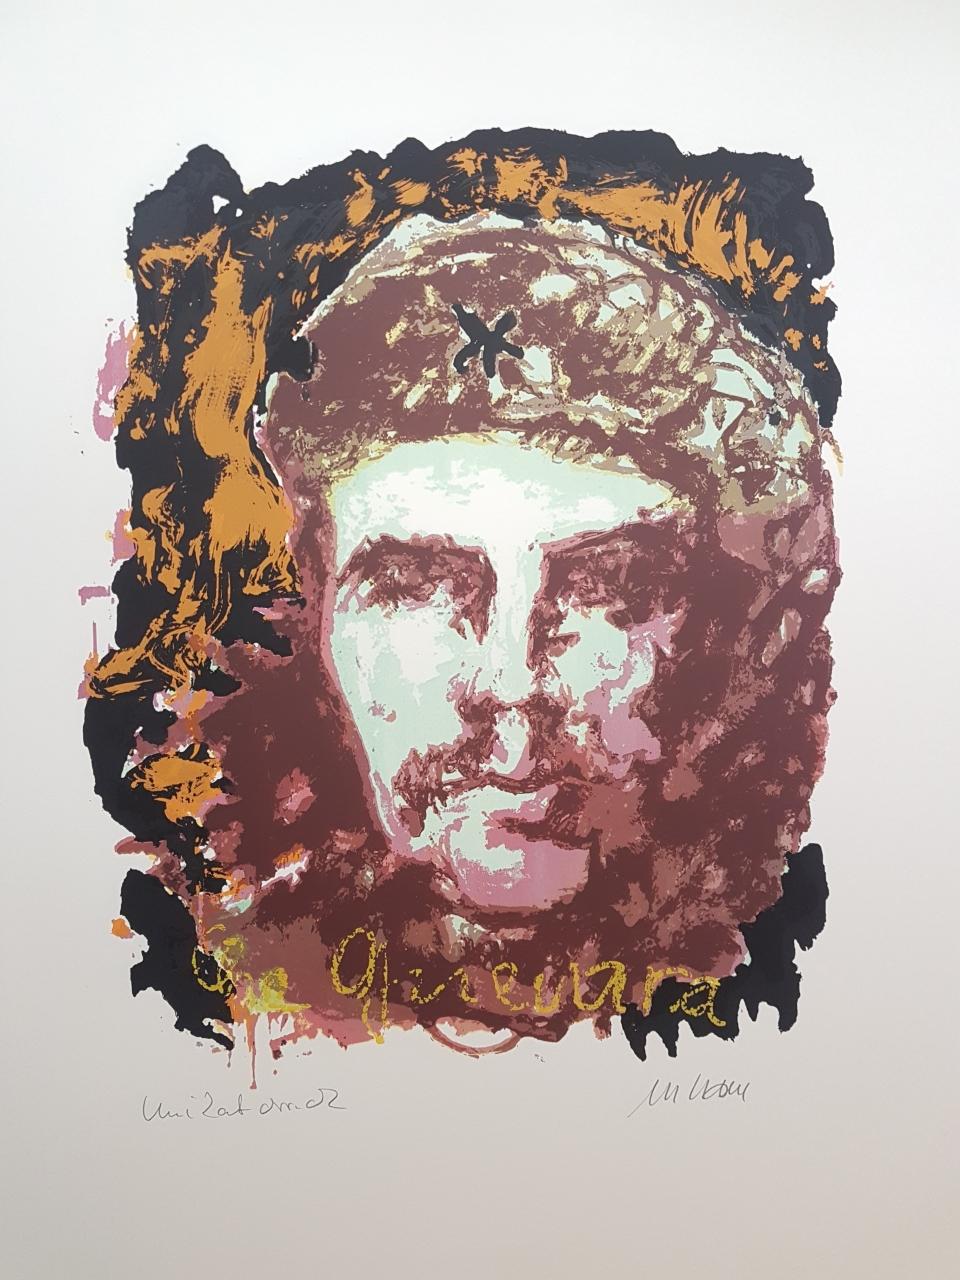 Che Guevara - Unikatdruck - No. 32 (Schwarz-Ocker)